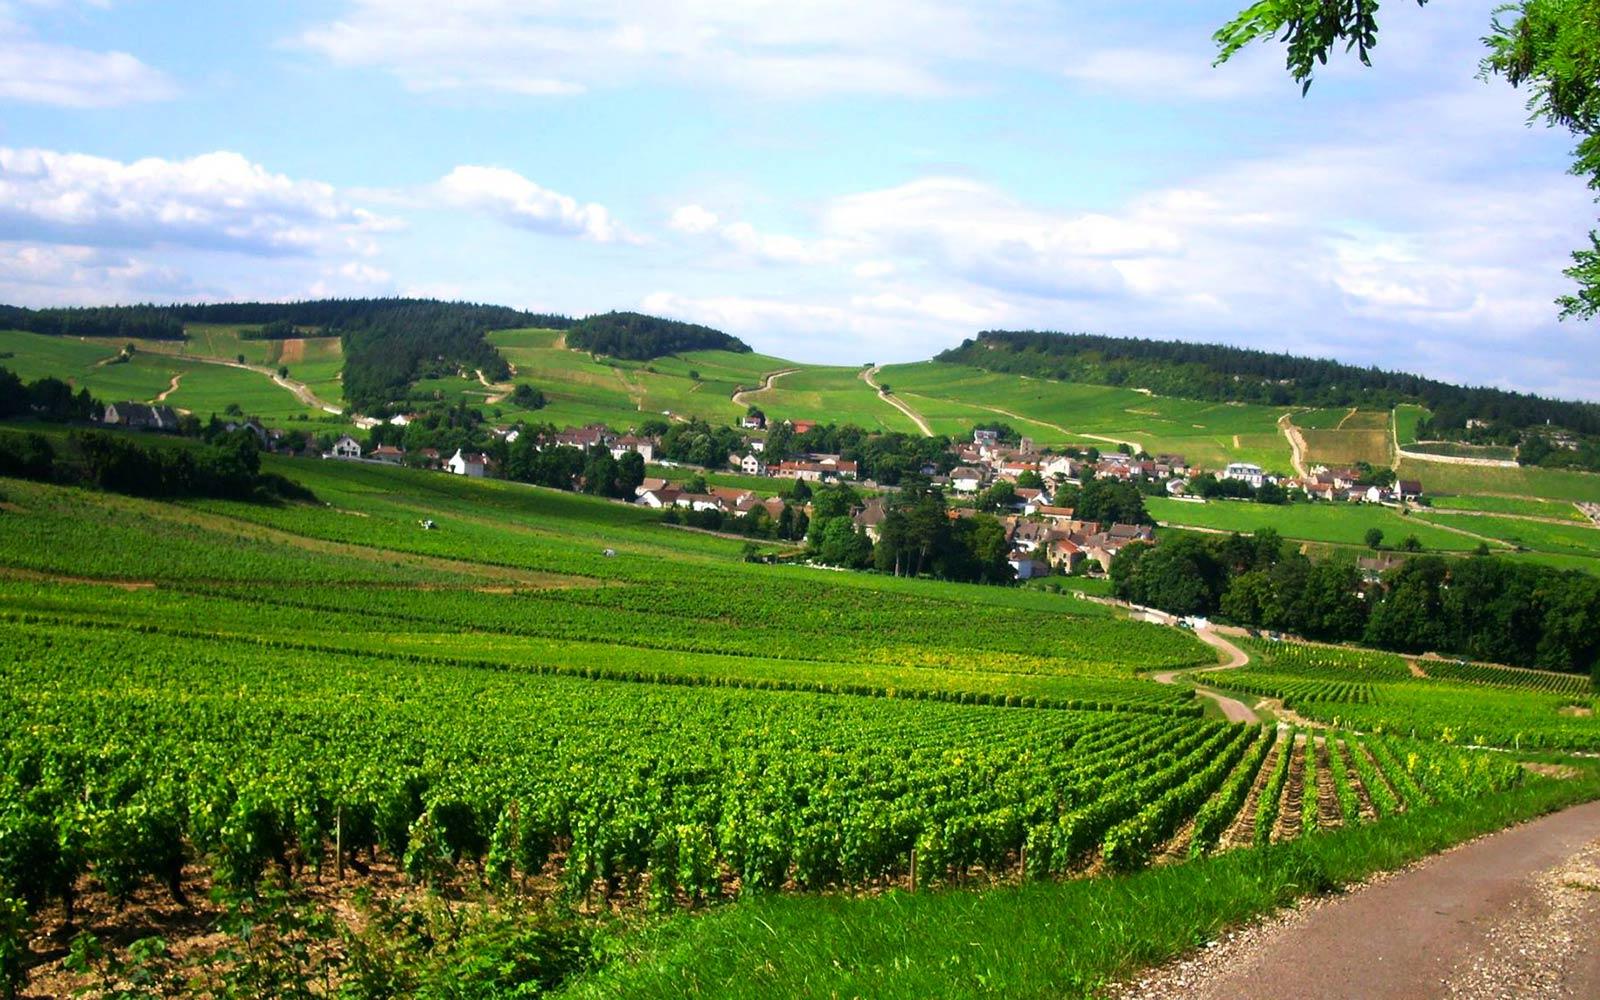 Domaine Habrards vingård består av relativt gamla vinrankor där en stor del är mellan 30 och 60 år gamla.